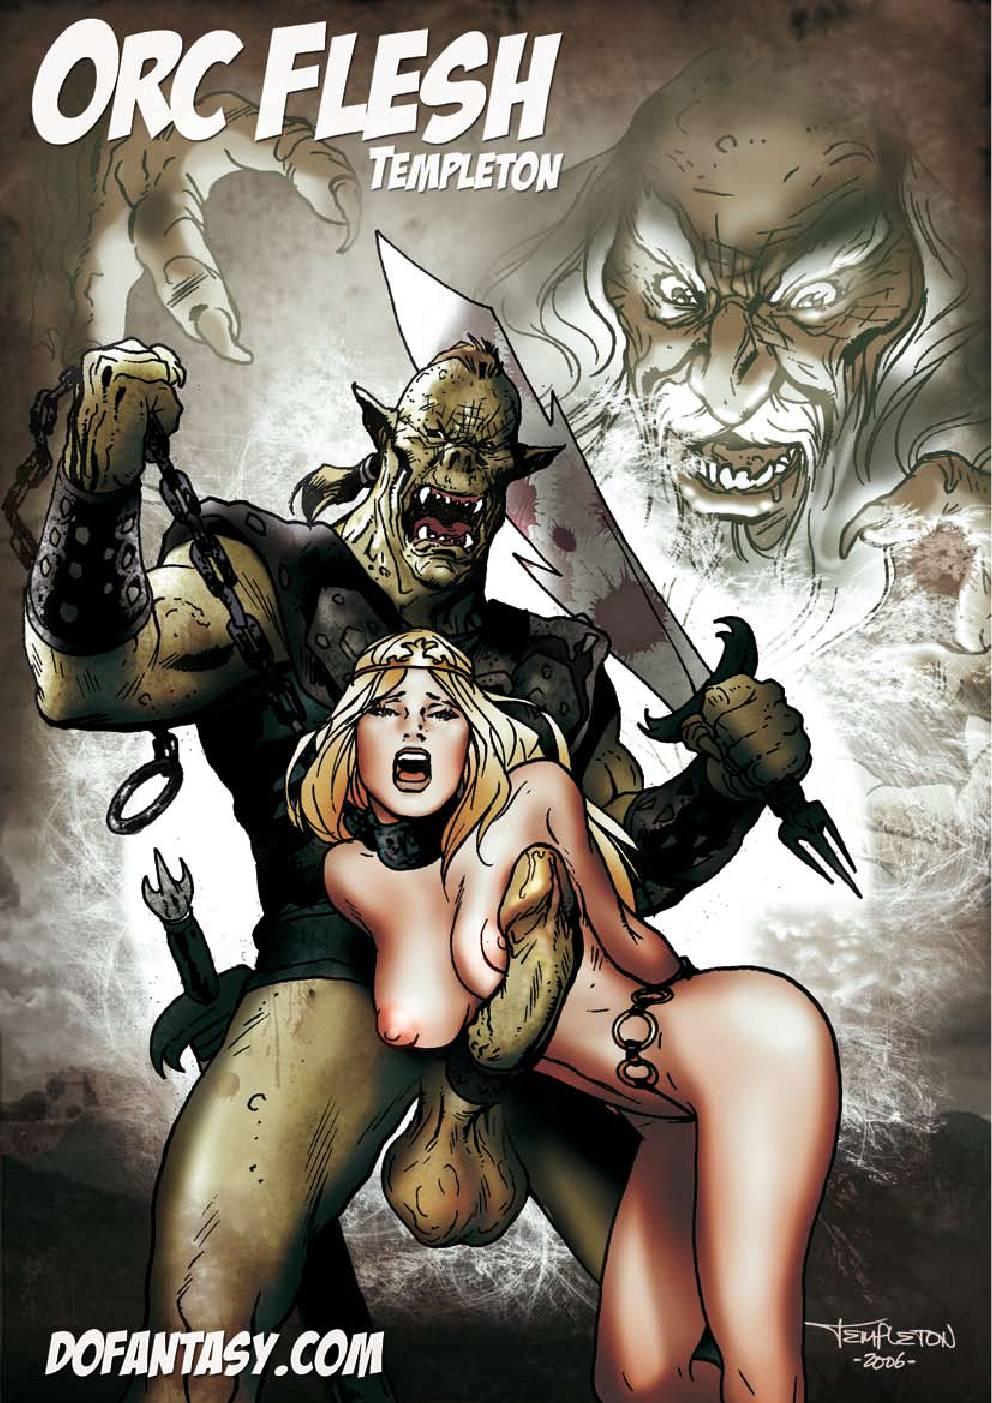 Orc female slaver porn erotic photos